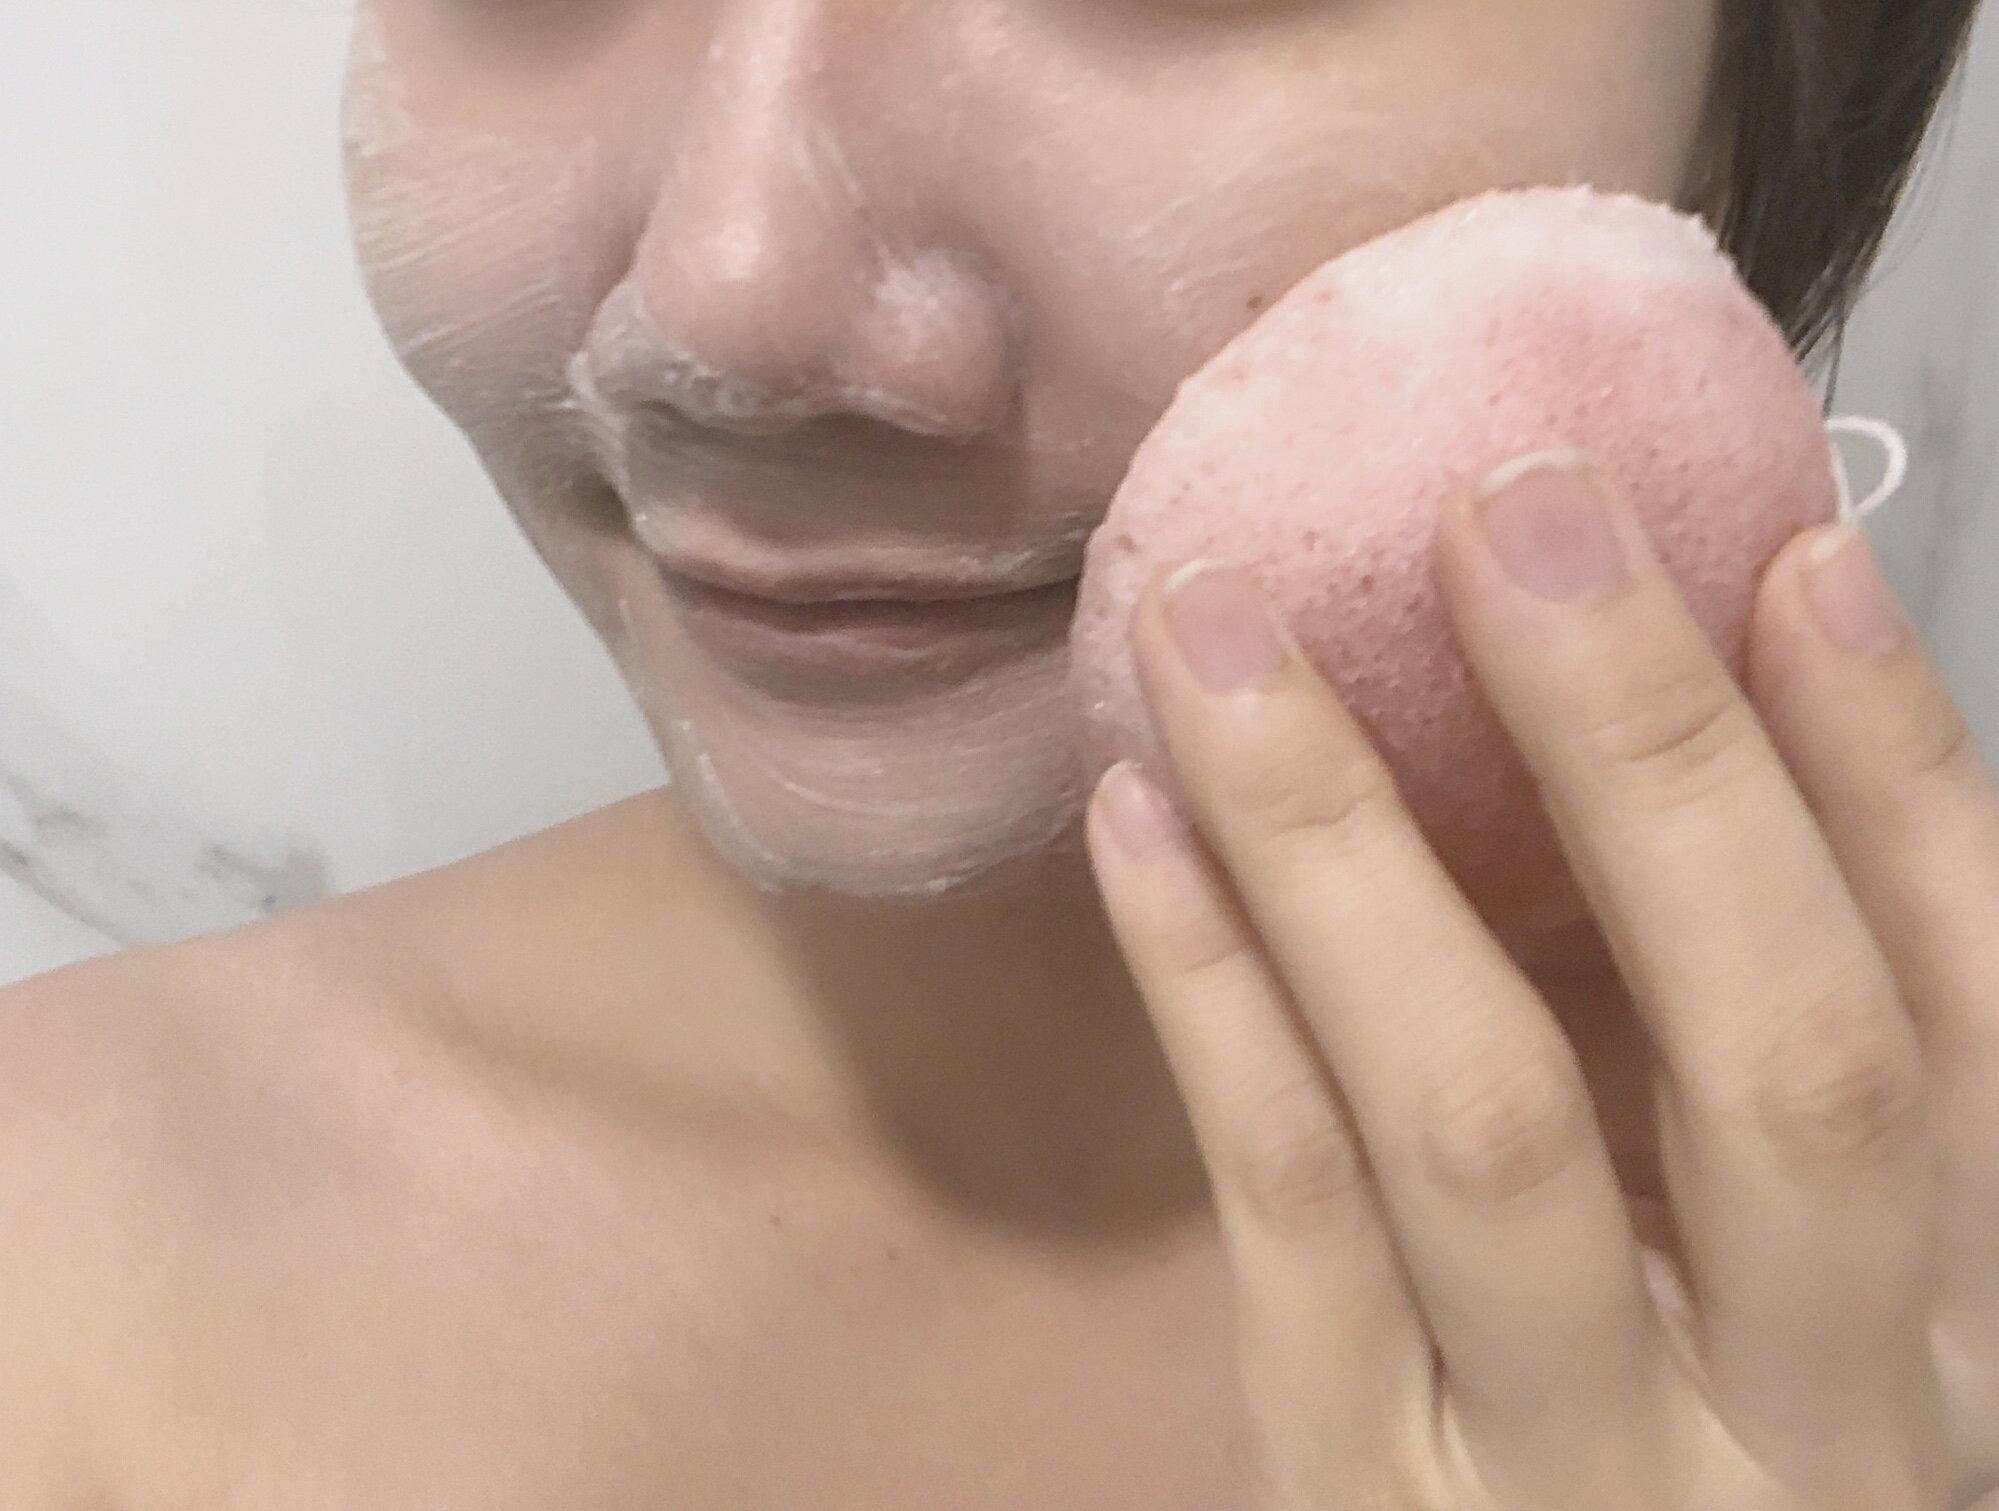 〔讓我皂顧你〕蜜桃輕顏皂+天然潔膚蒟蒻球-2入組 臉部保養 / 美容皂 / 手工洗臉皂 / 保濕 / 敏感肌可用 / 去角質 / 毛孔清潔 / 代謝老廢角質 / 環保材質 9